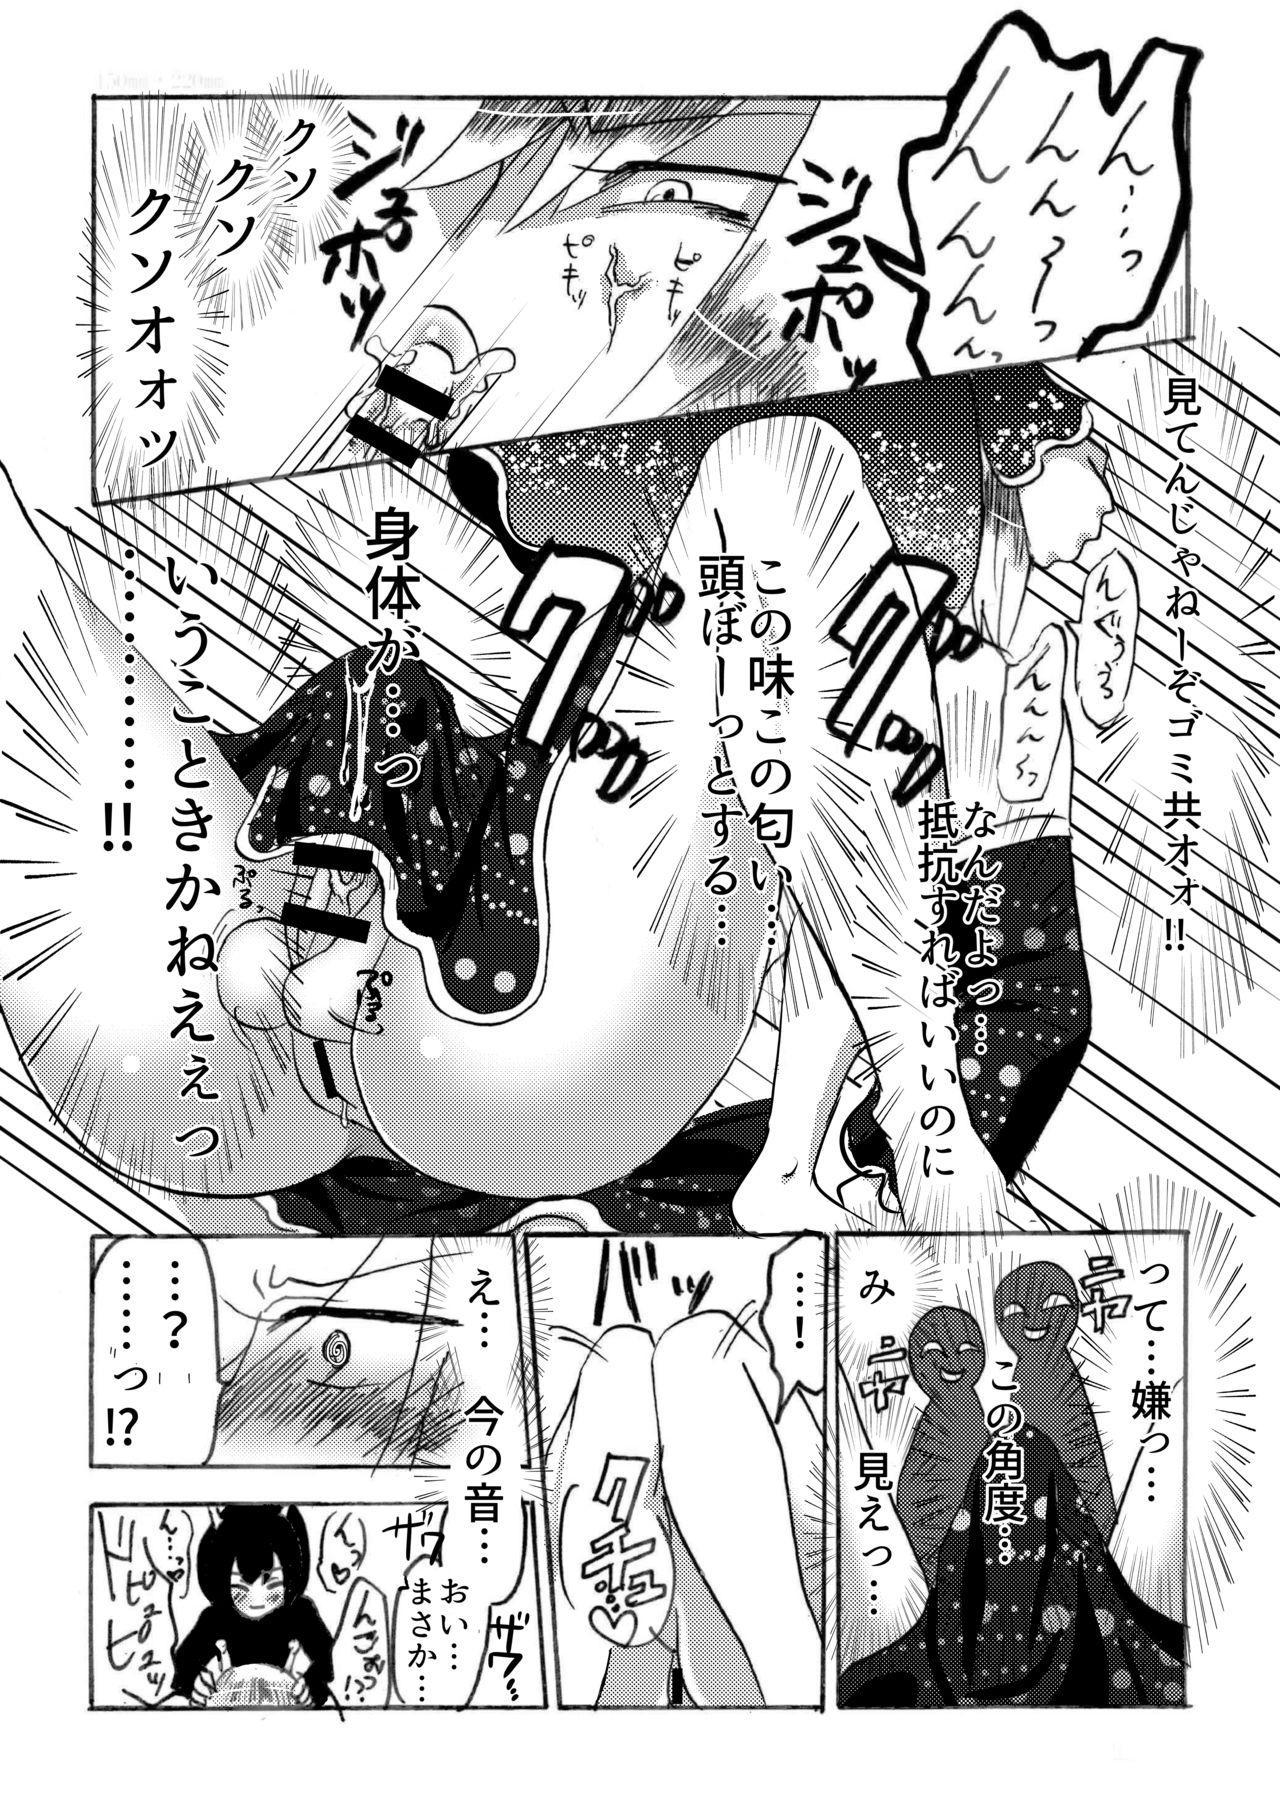 Hira-zoku no Hanashi 16